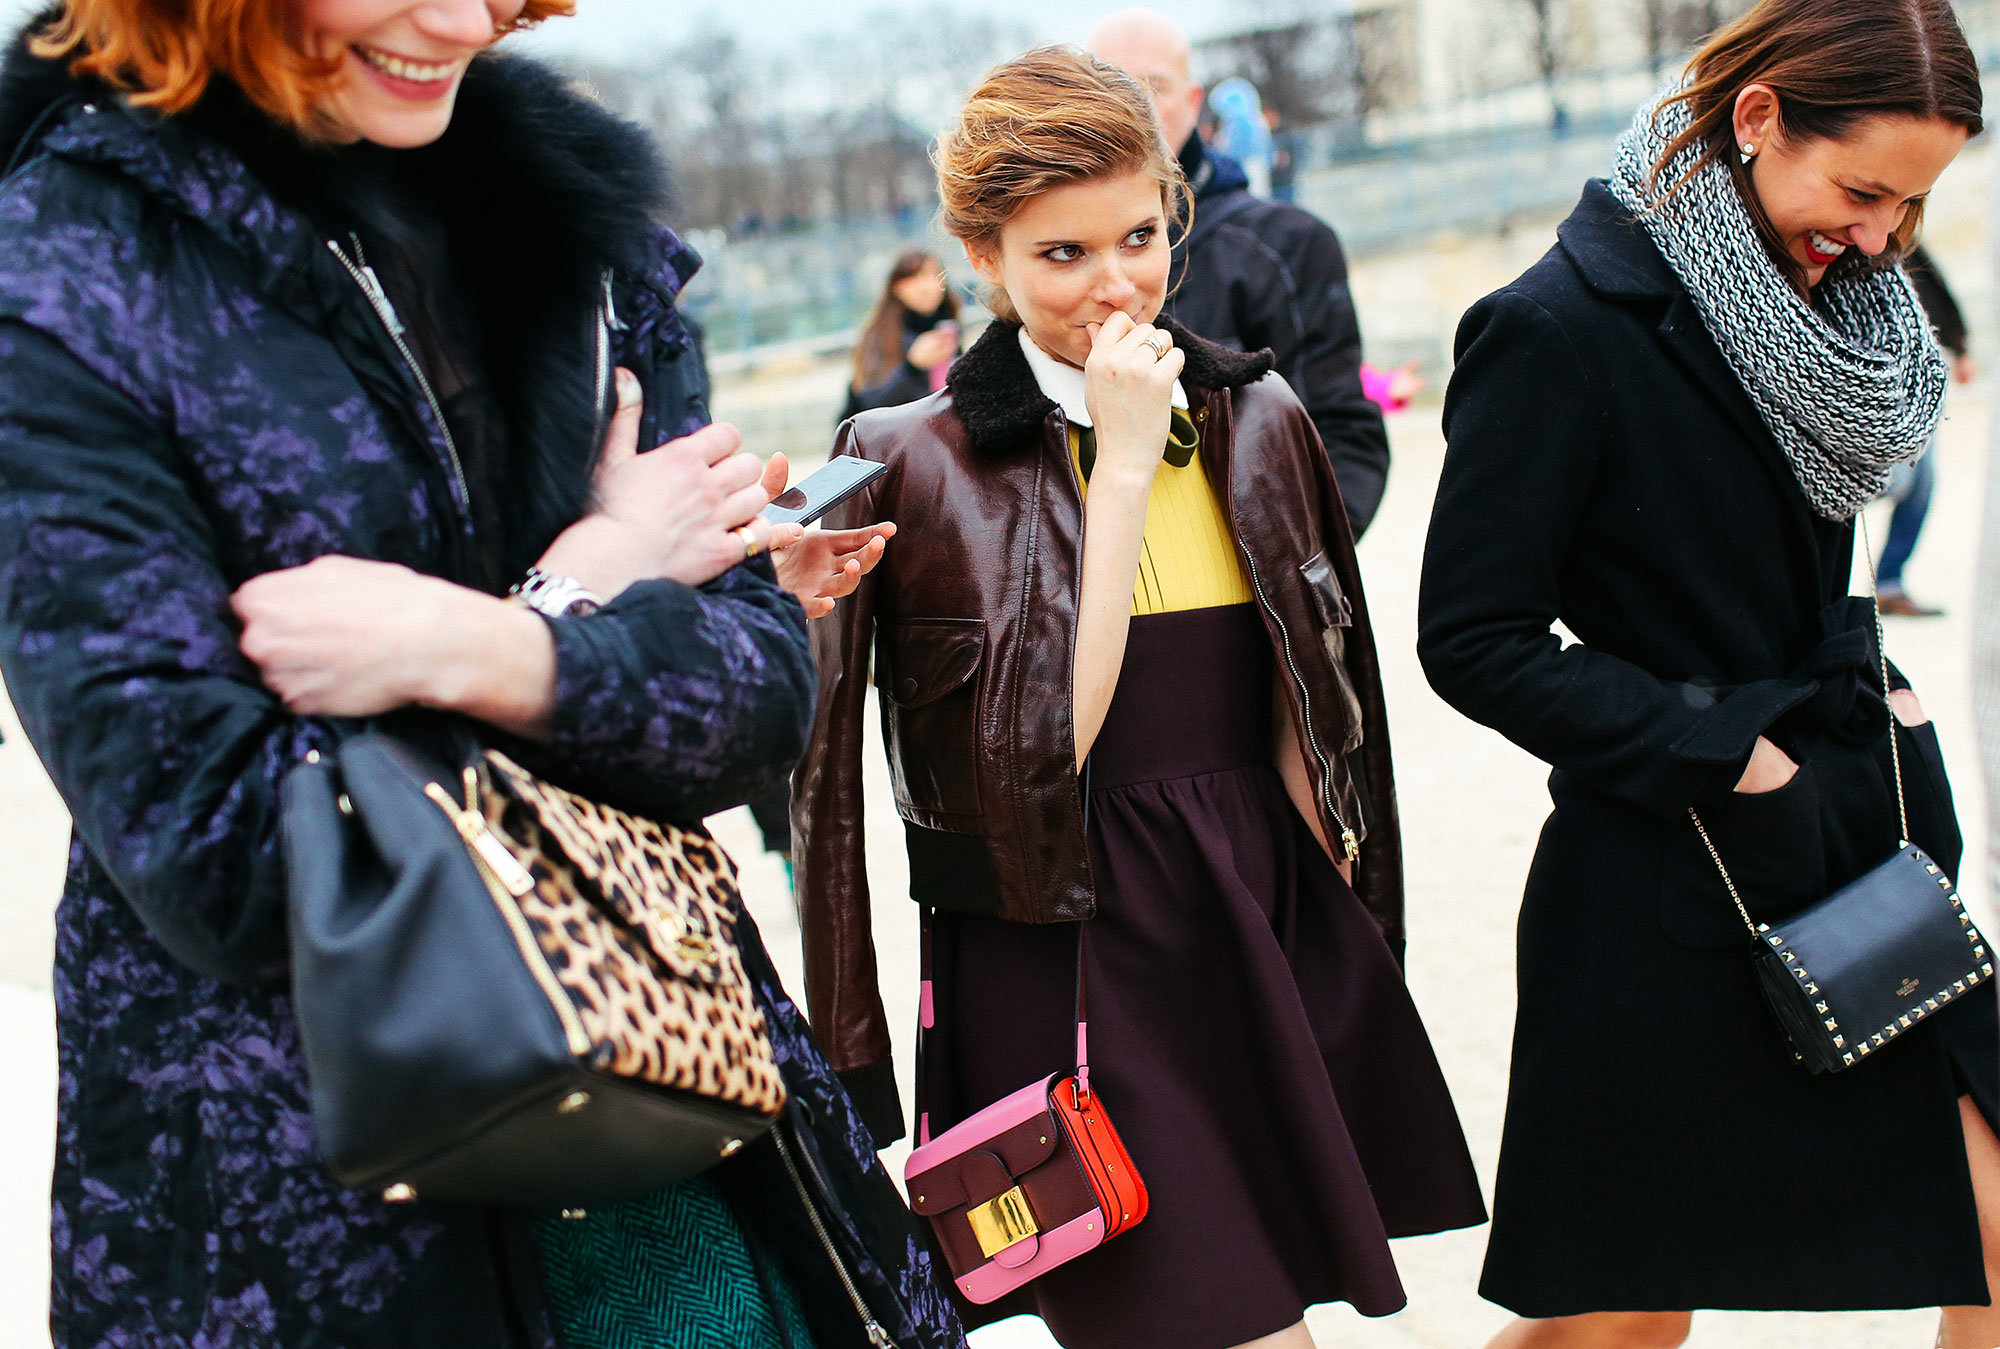 parij street style fashion clique